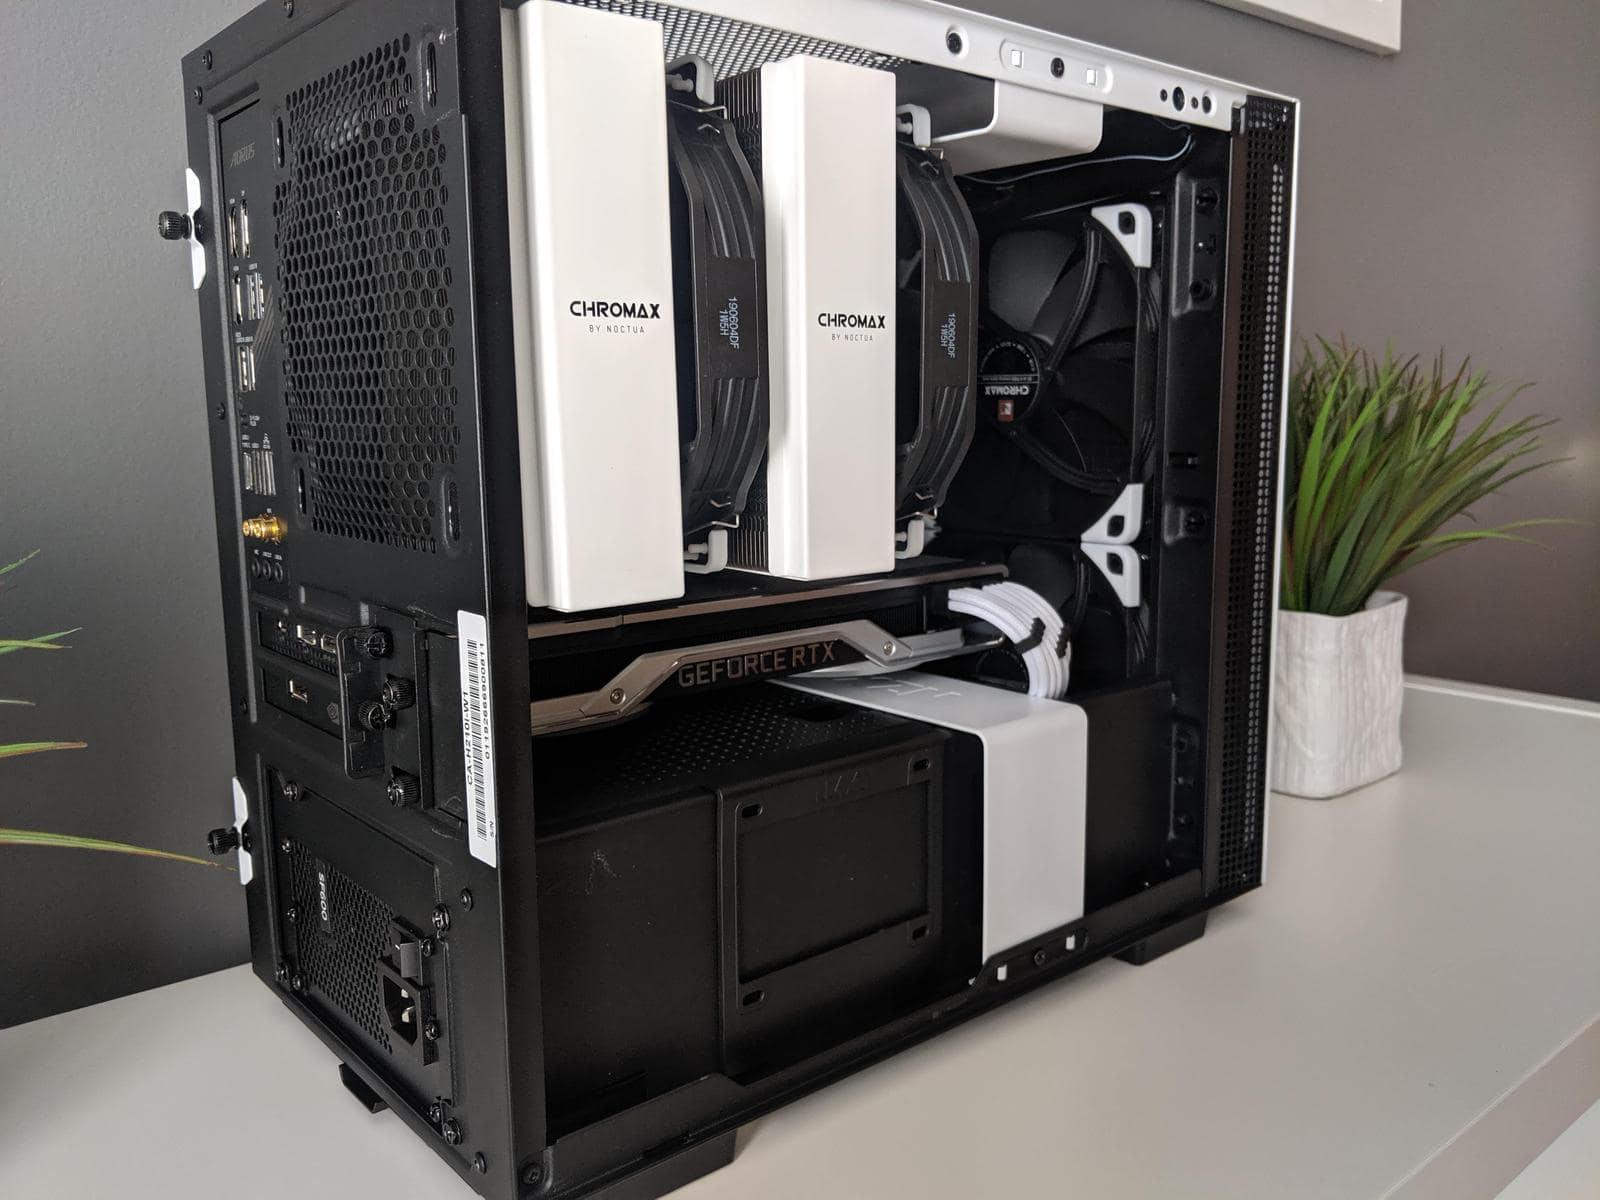 Noctua NH-D15 air cooler example build